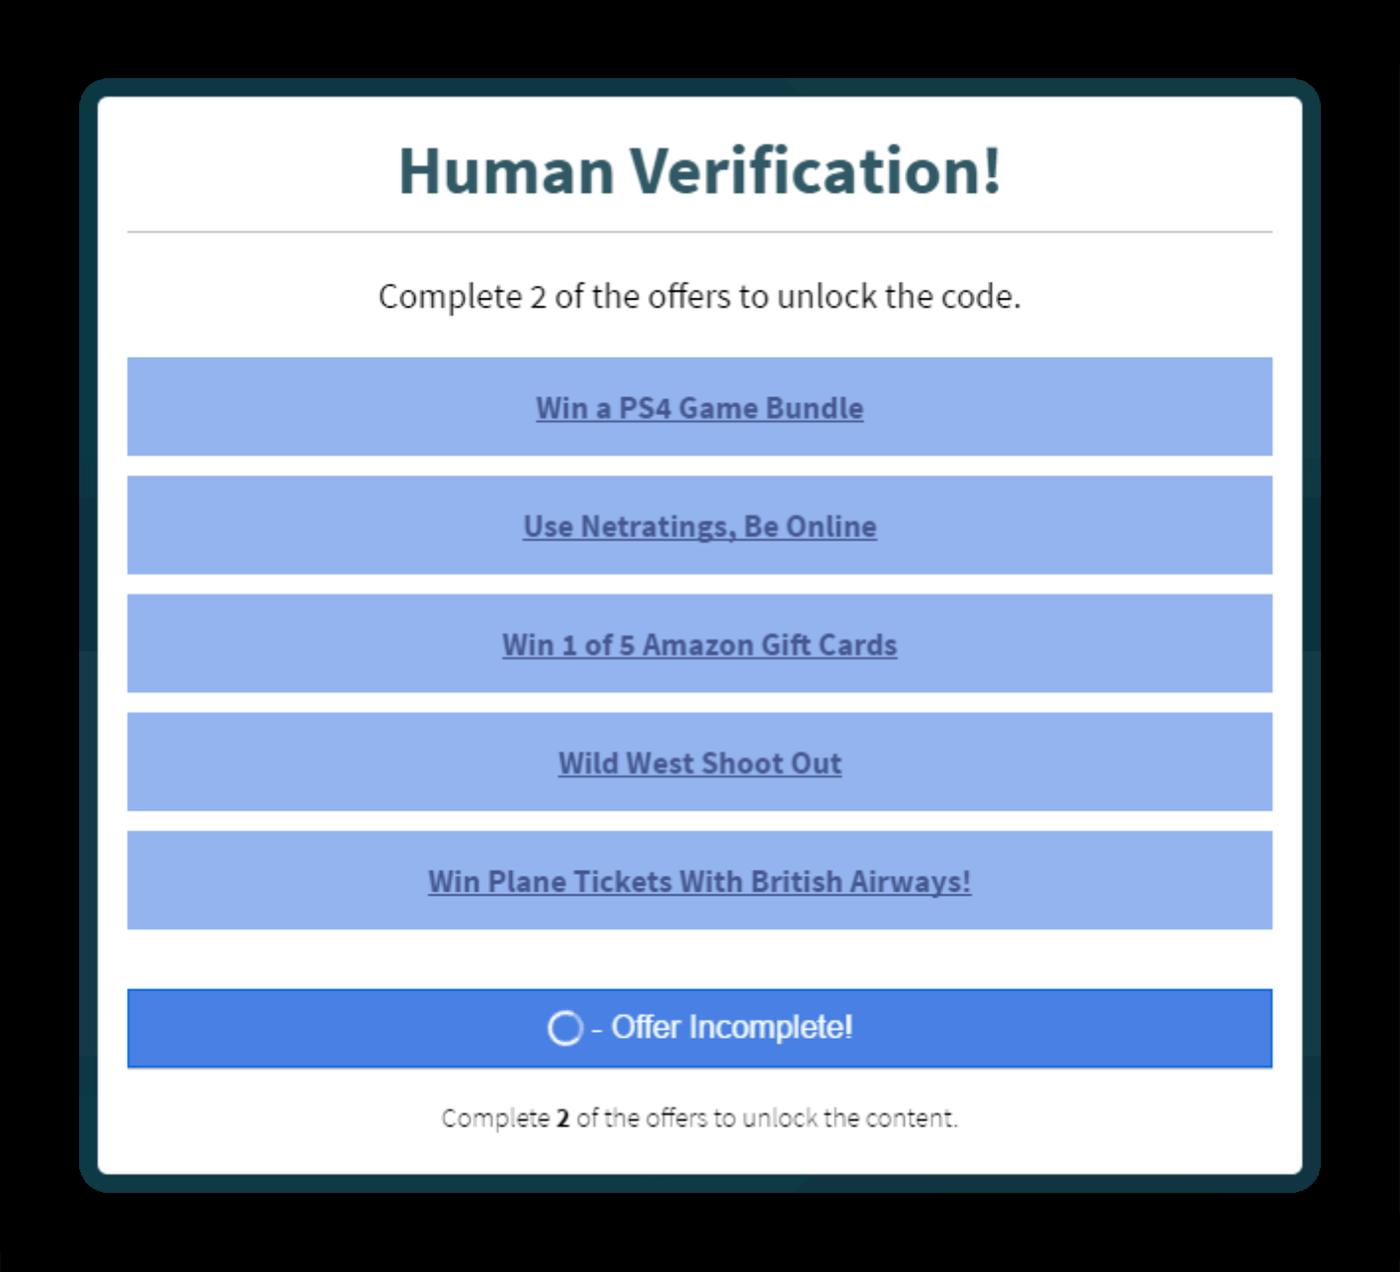 Вот какие действия мошенники просят выполнить пользователей